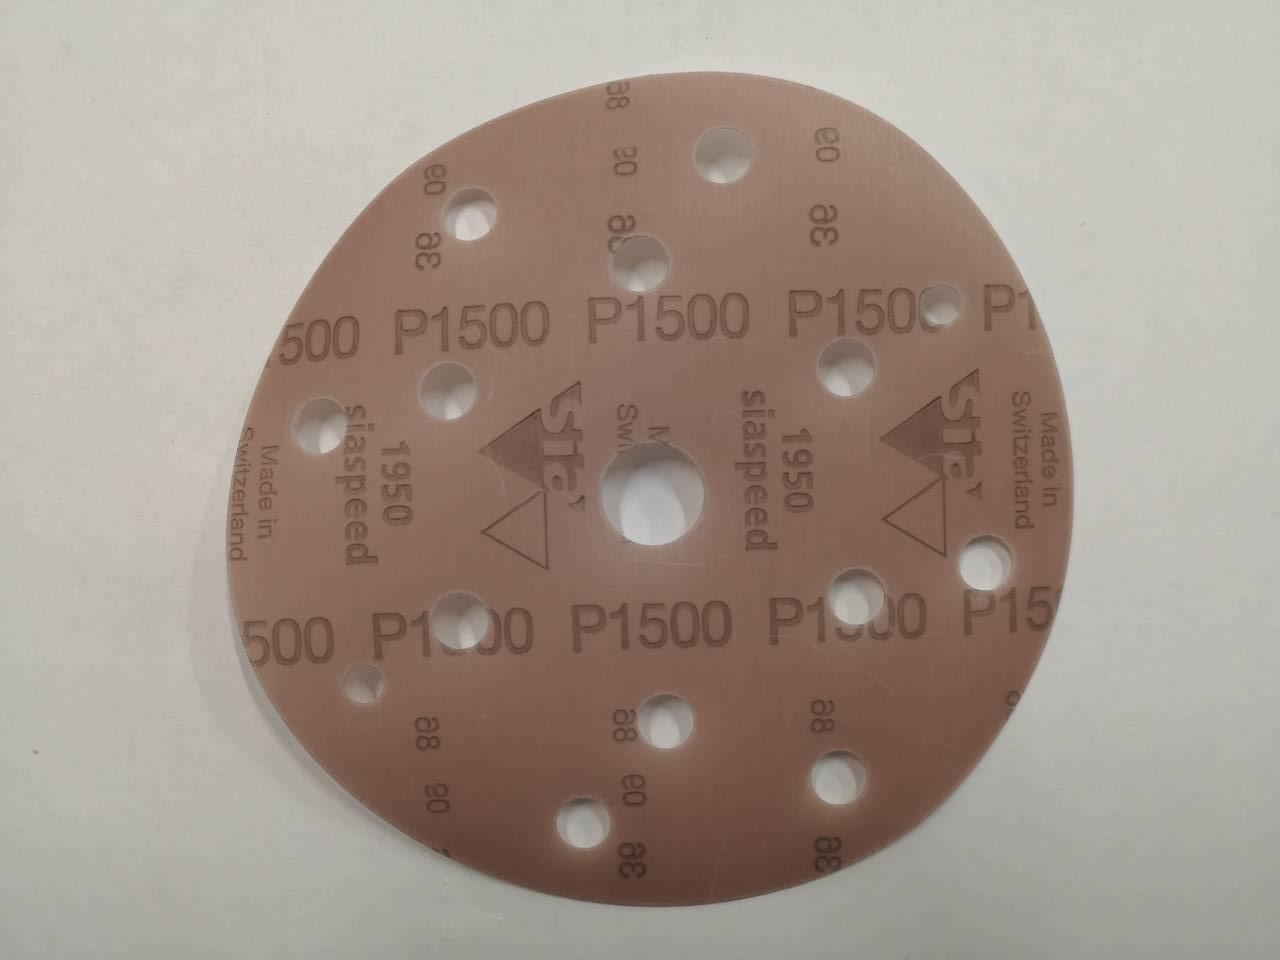 Абразивний круг - SIA 1950 8+6+1 отвір P1500 150 мм. (Рі 1500)